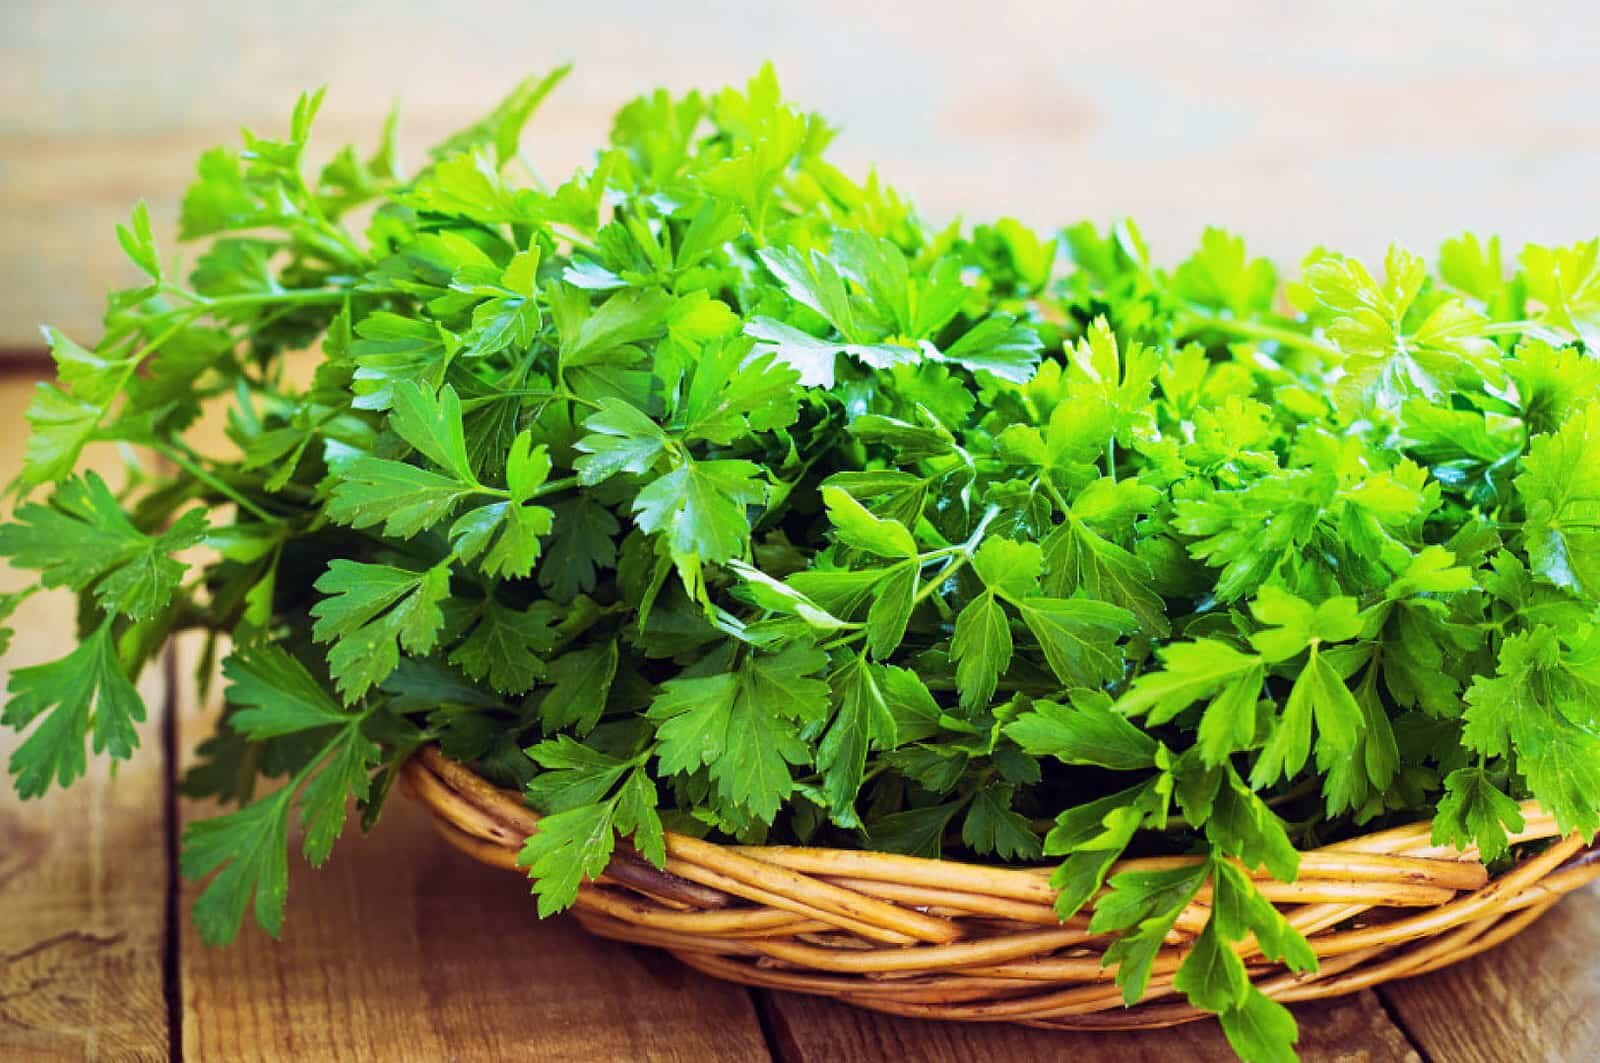 basket of parsley leaves